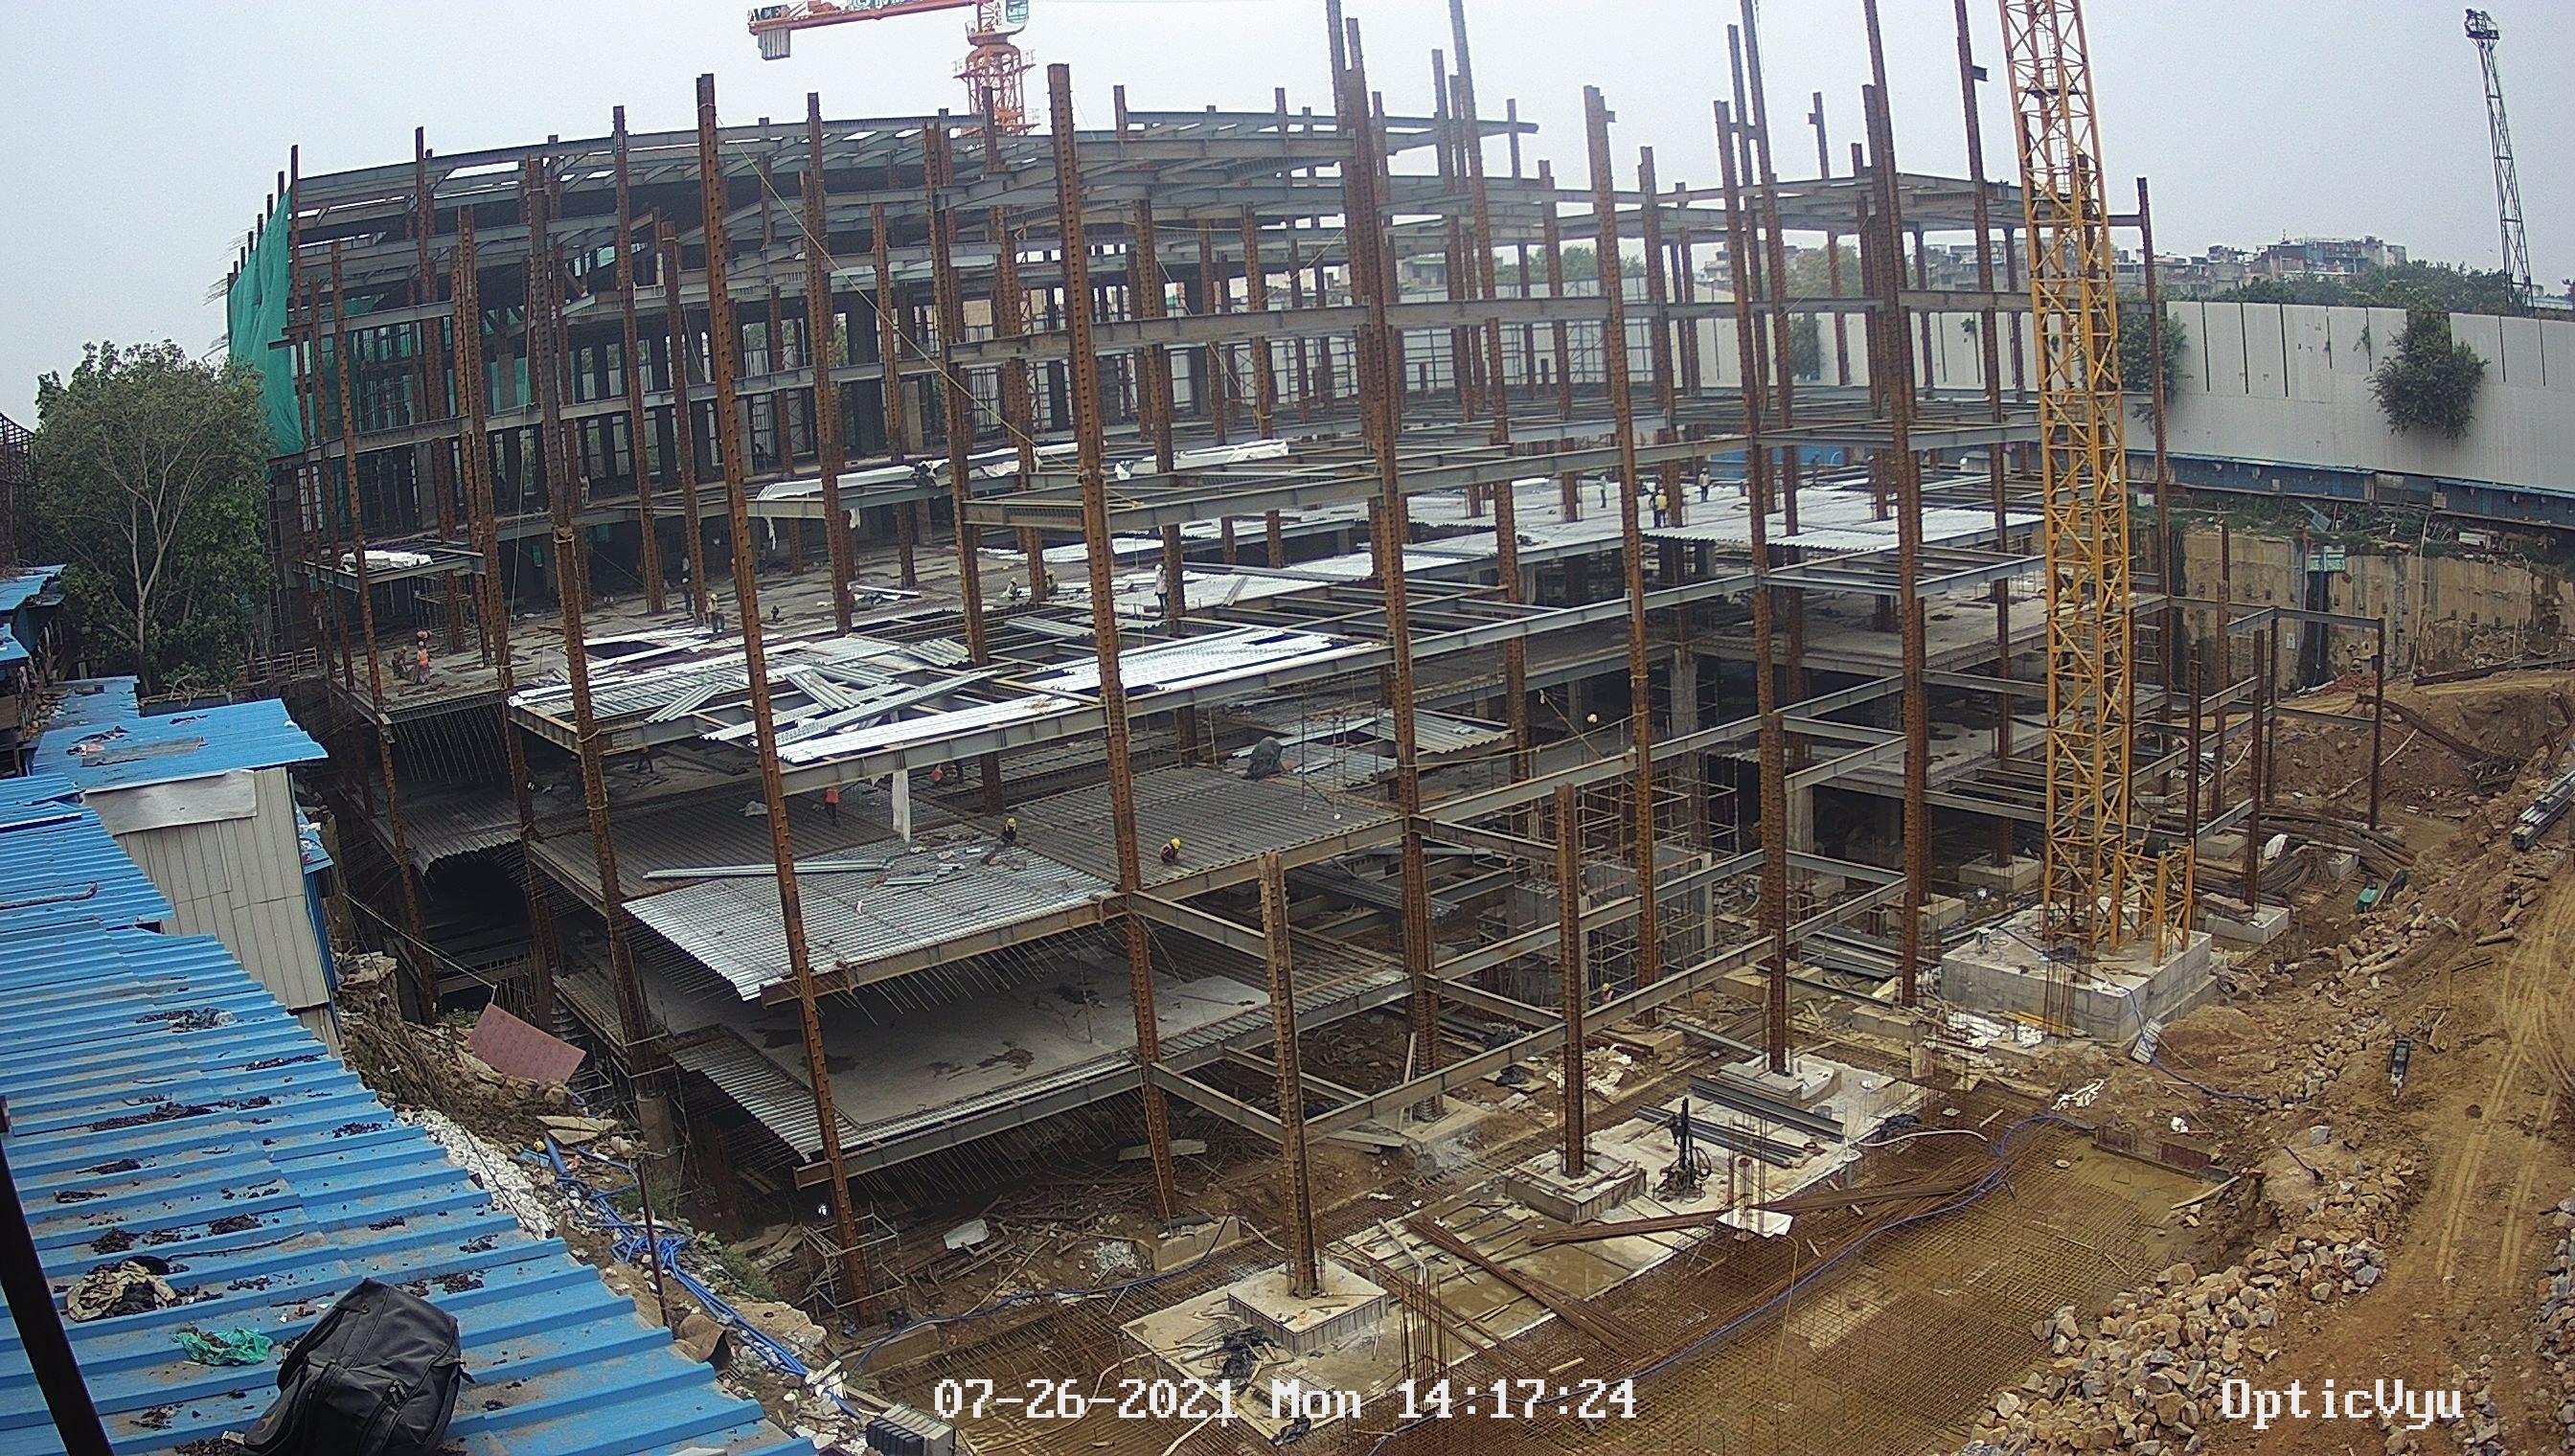 NGO housing site construction camera image